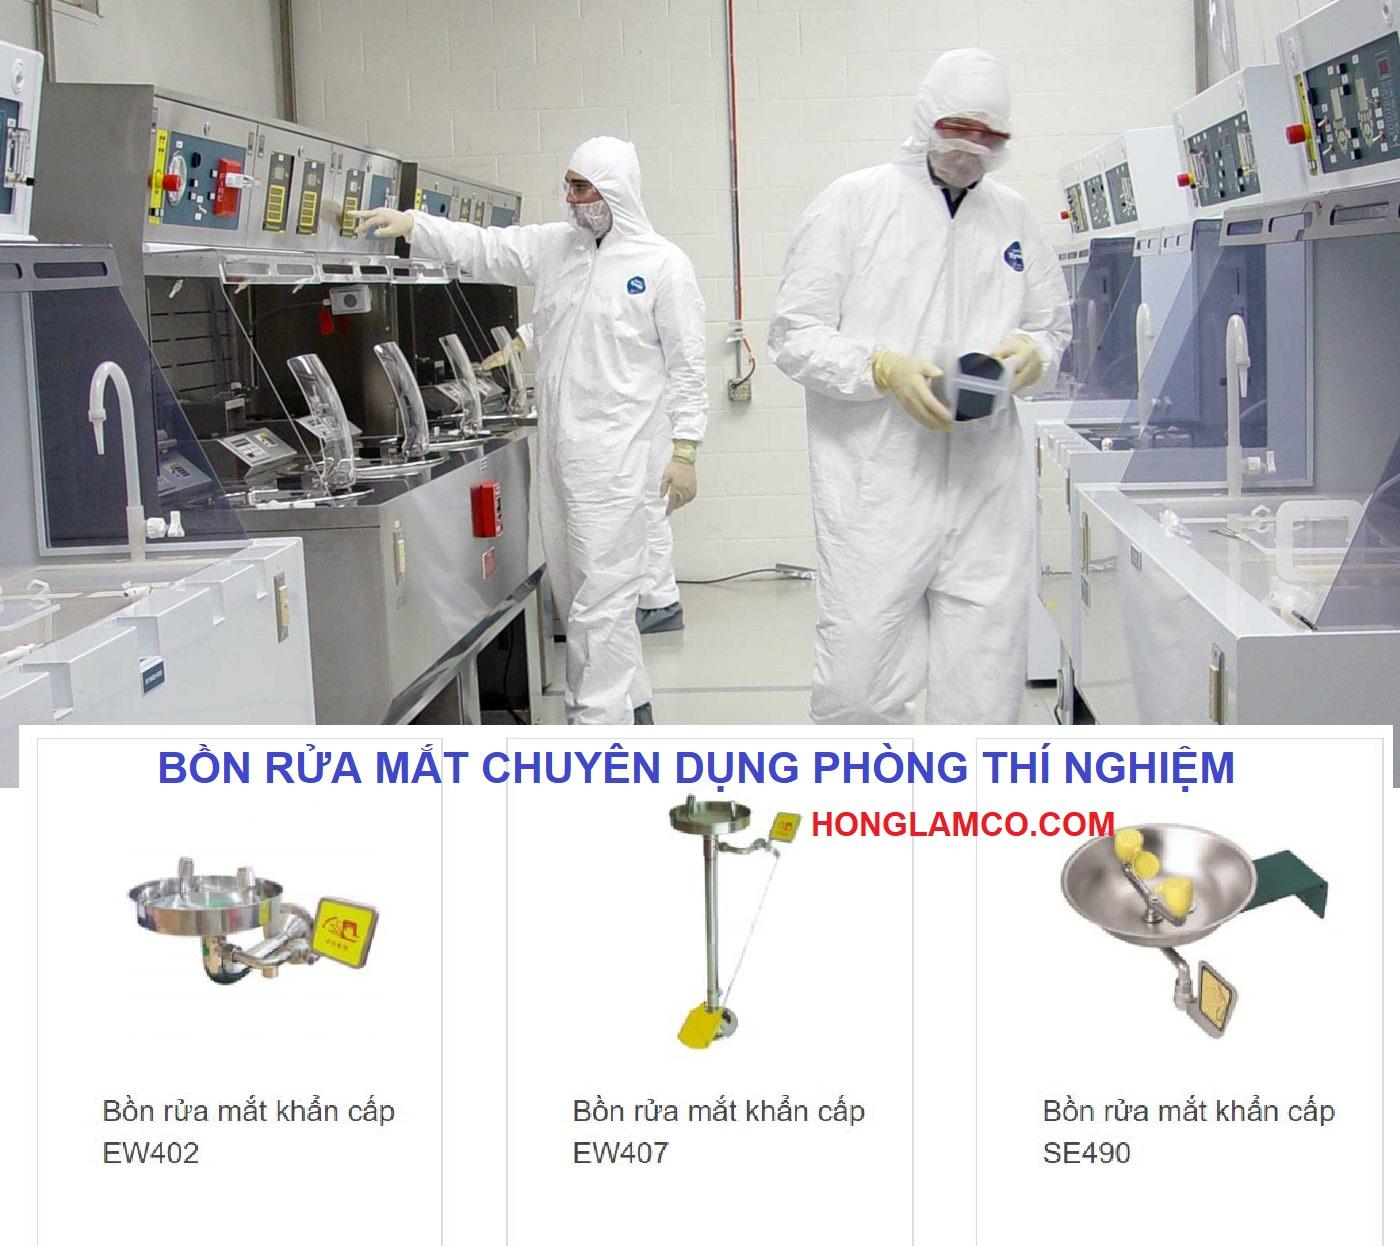 Vòi rửa mắt khẩn cấp trong phòng thí nghiệm - Lắp đặt nhanh, Giá tốt